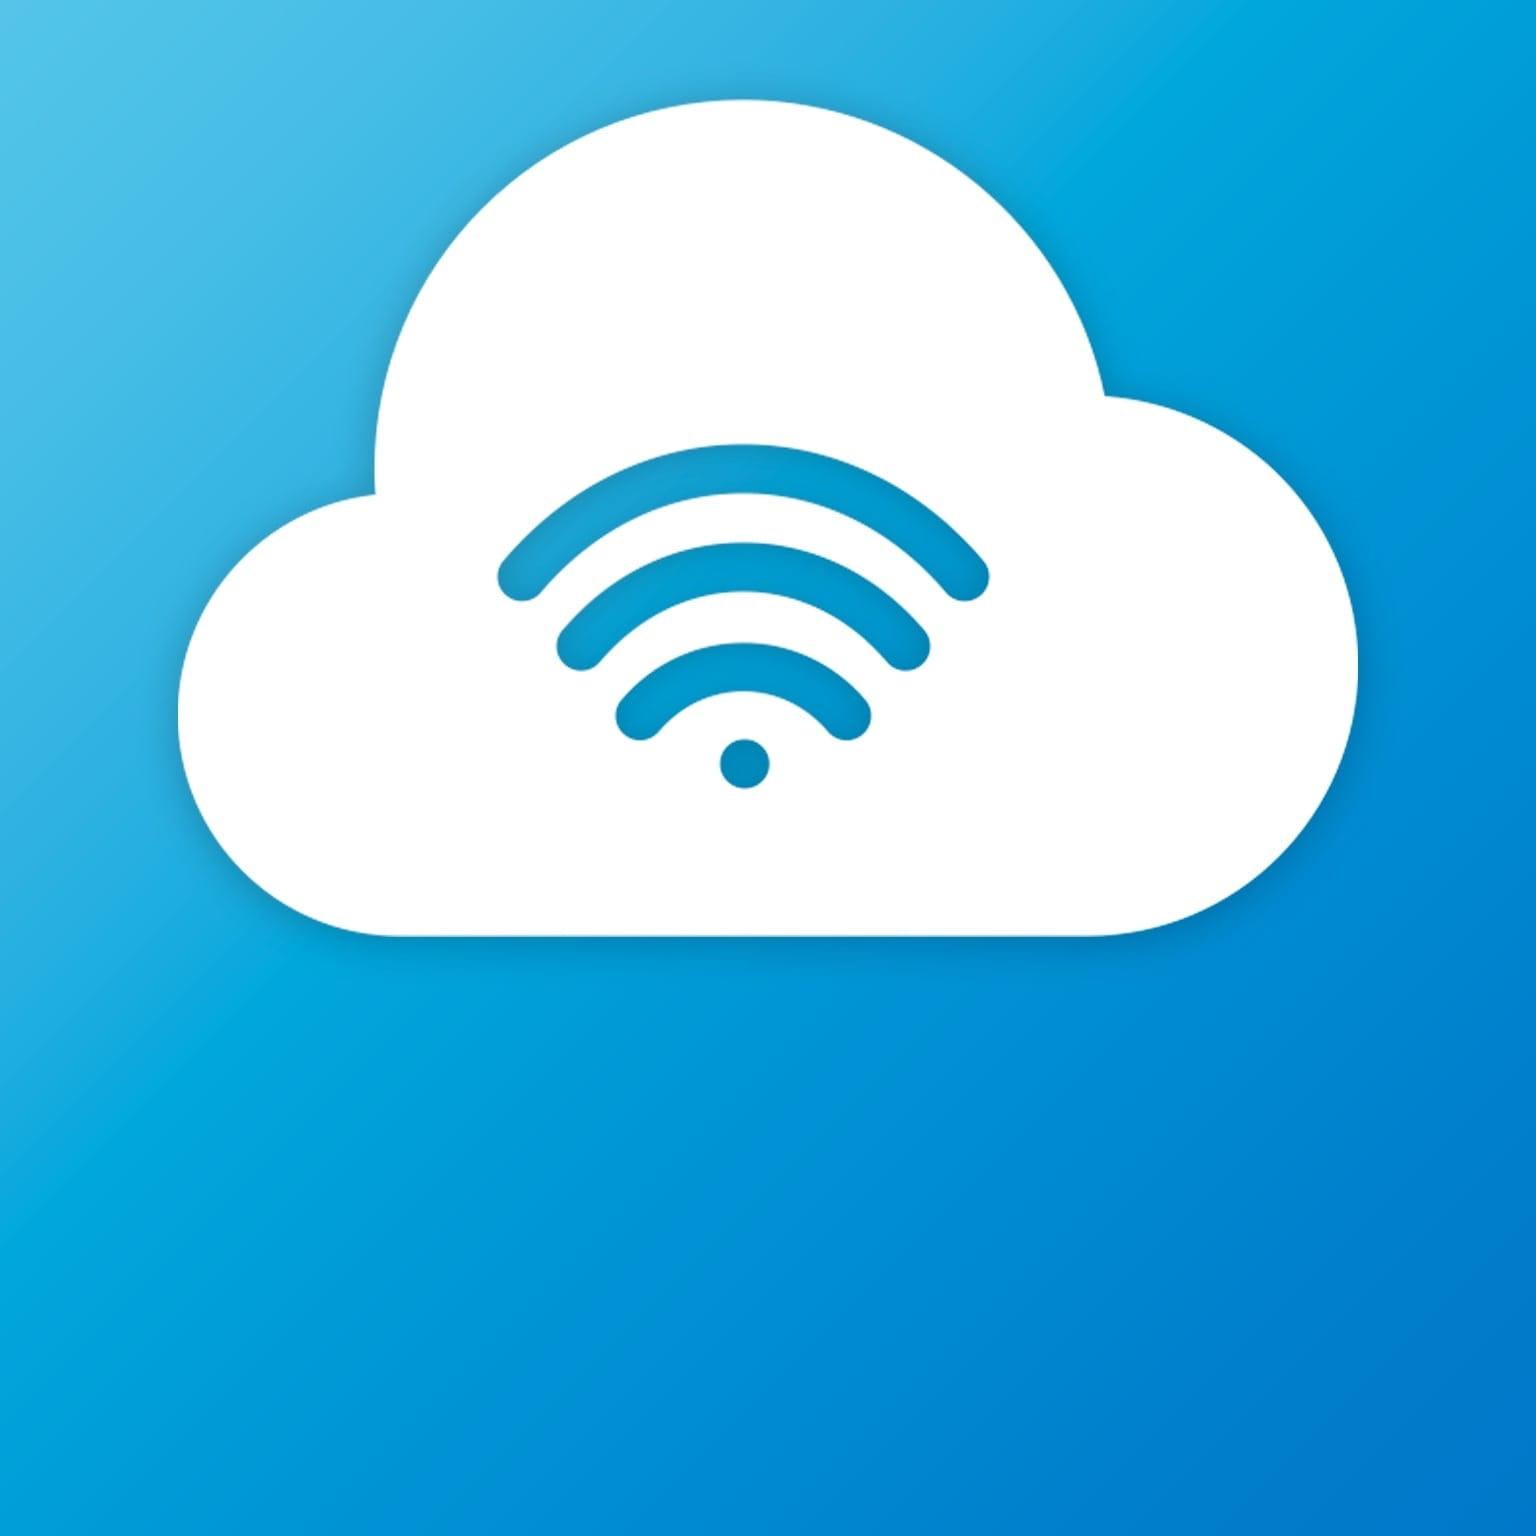 Icona con simbolo del wifi e del cloud